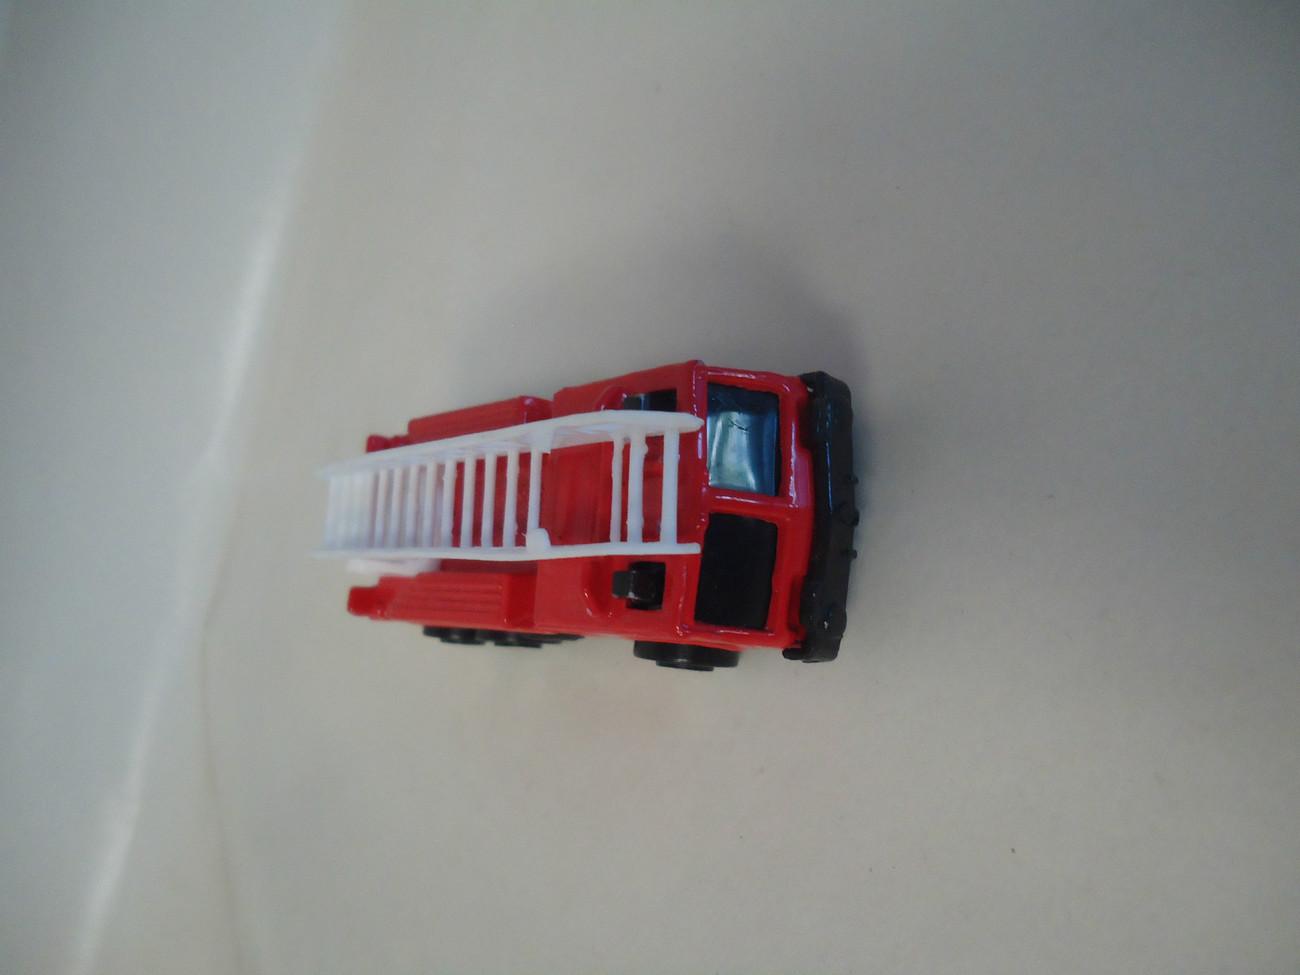 Maisto Extending Ladder Fire Truck